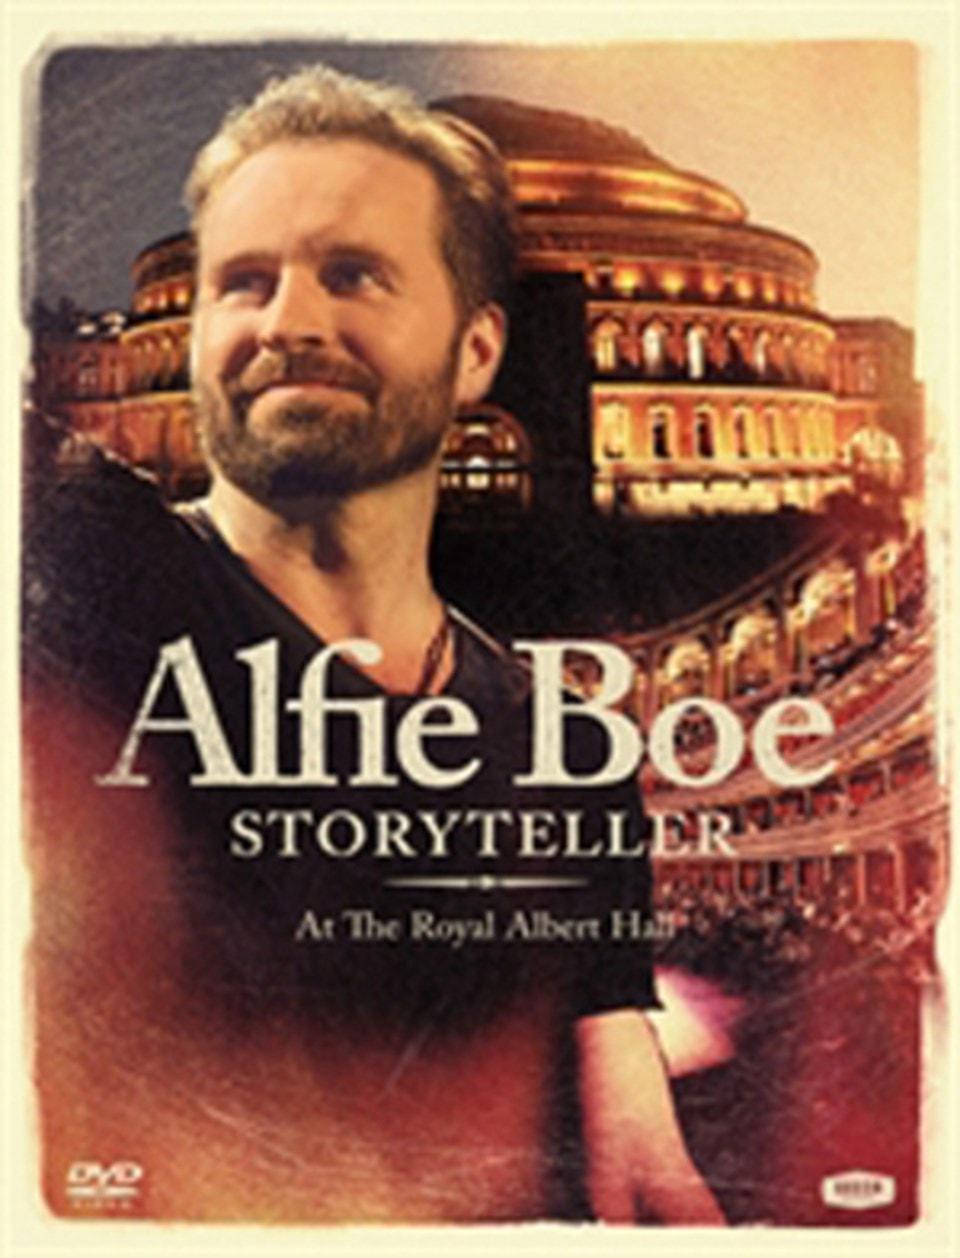 Alfie Boe: Storyteller - 1